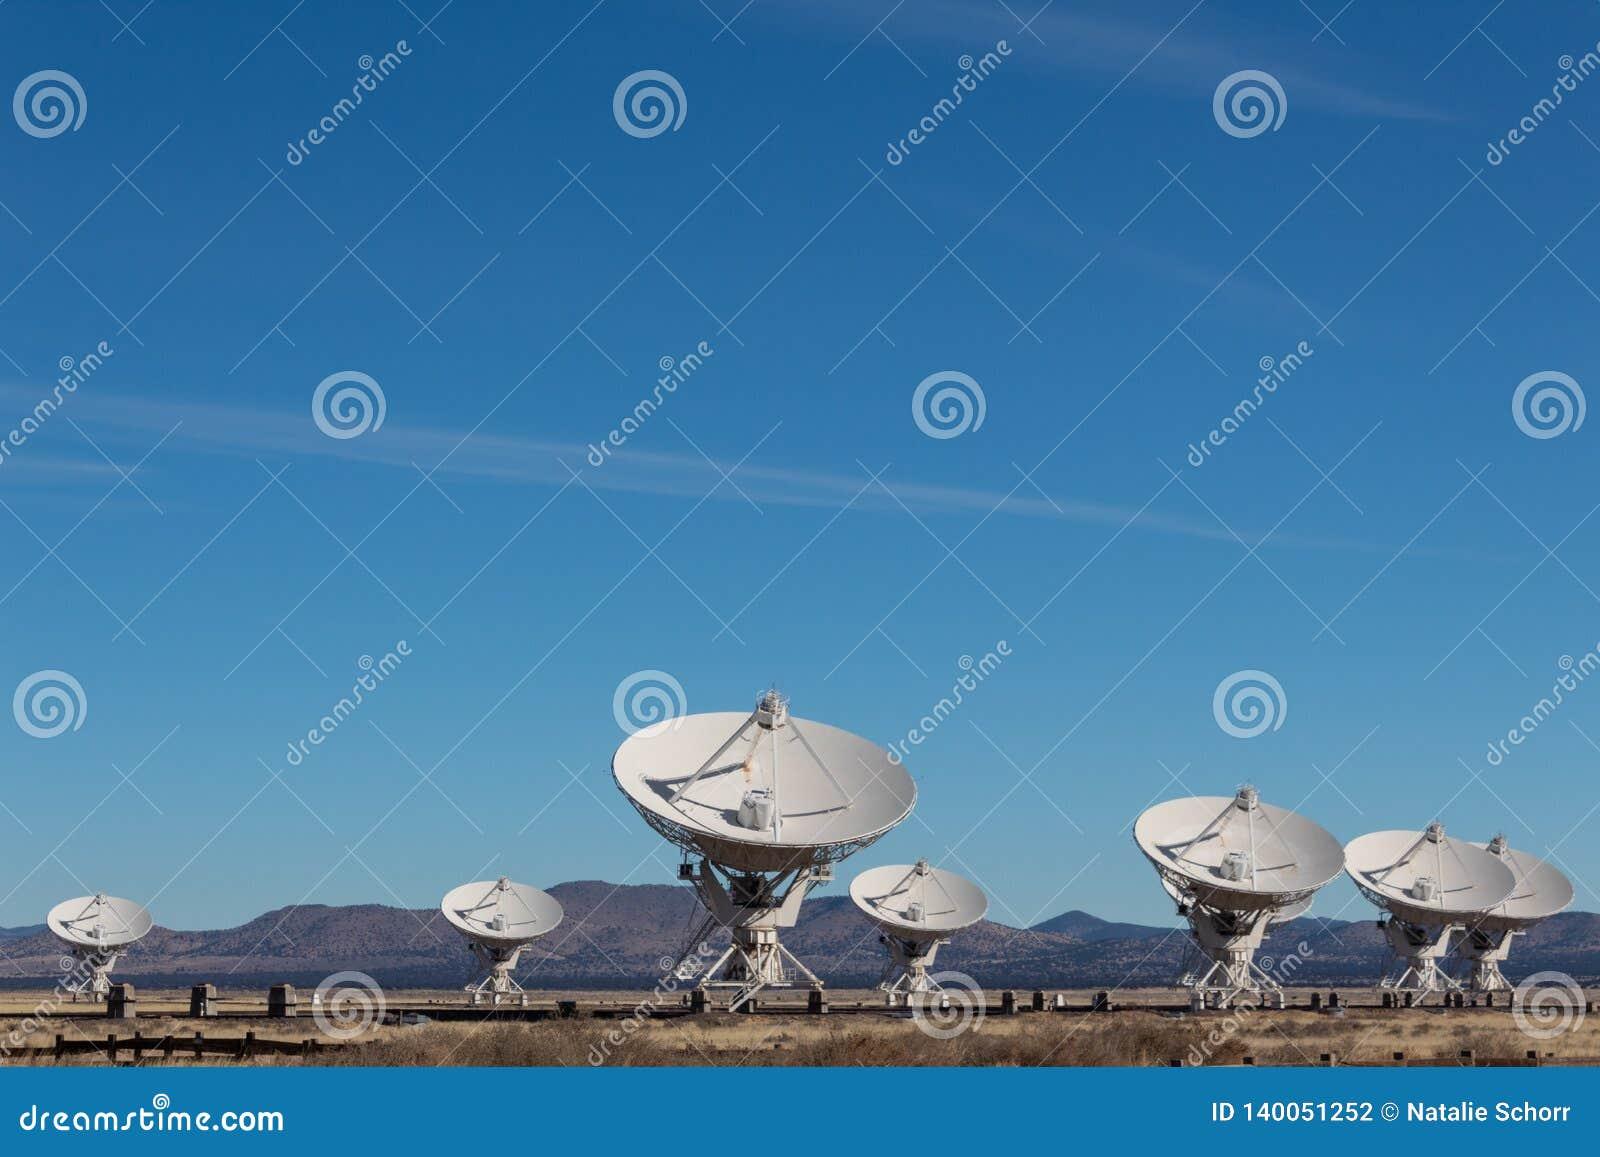 Πολύ μεγάλη ομαδοποίηση σειράς των ραδιο πιάτων κεραιών στην έρημο Νέων Μεξικό, μπλε ουρανός